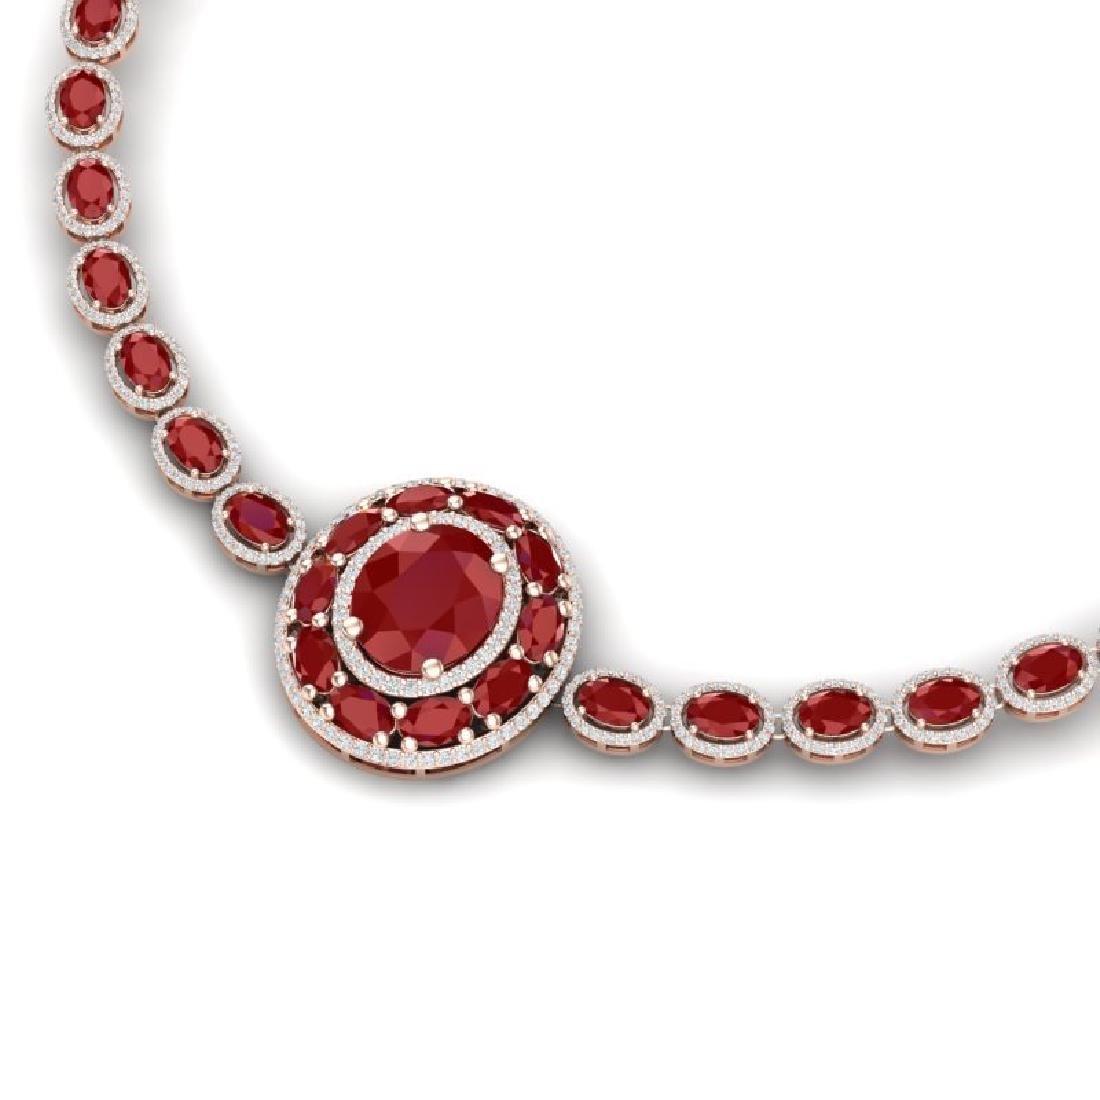 43.54 CTW Royalty Ruby & VS Diamond Necklace 18K Rose